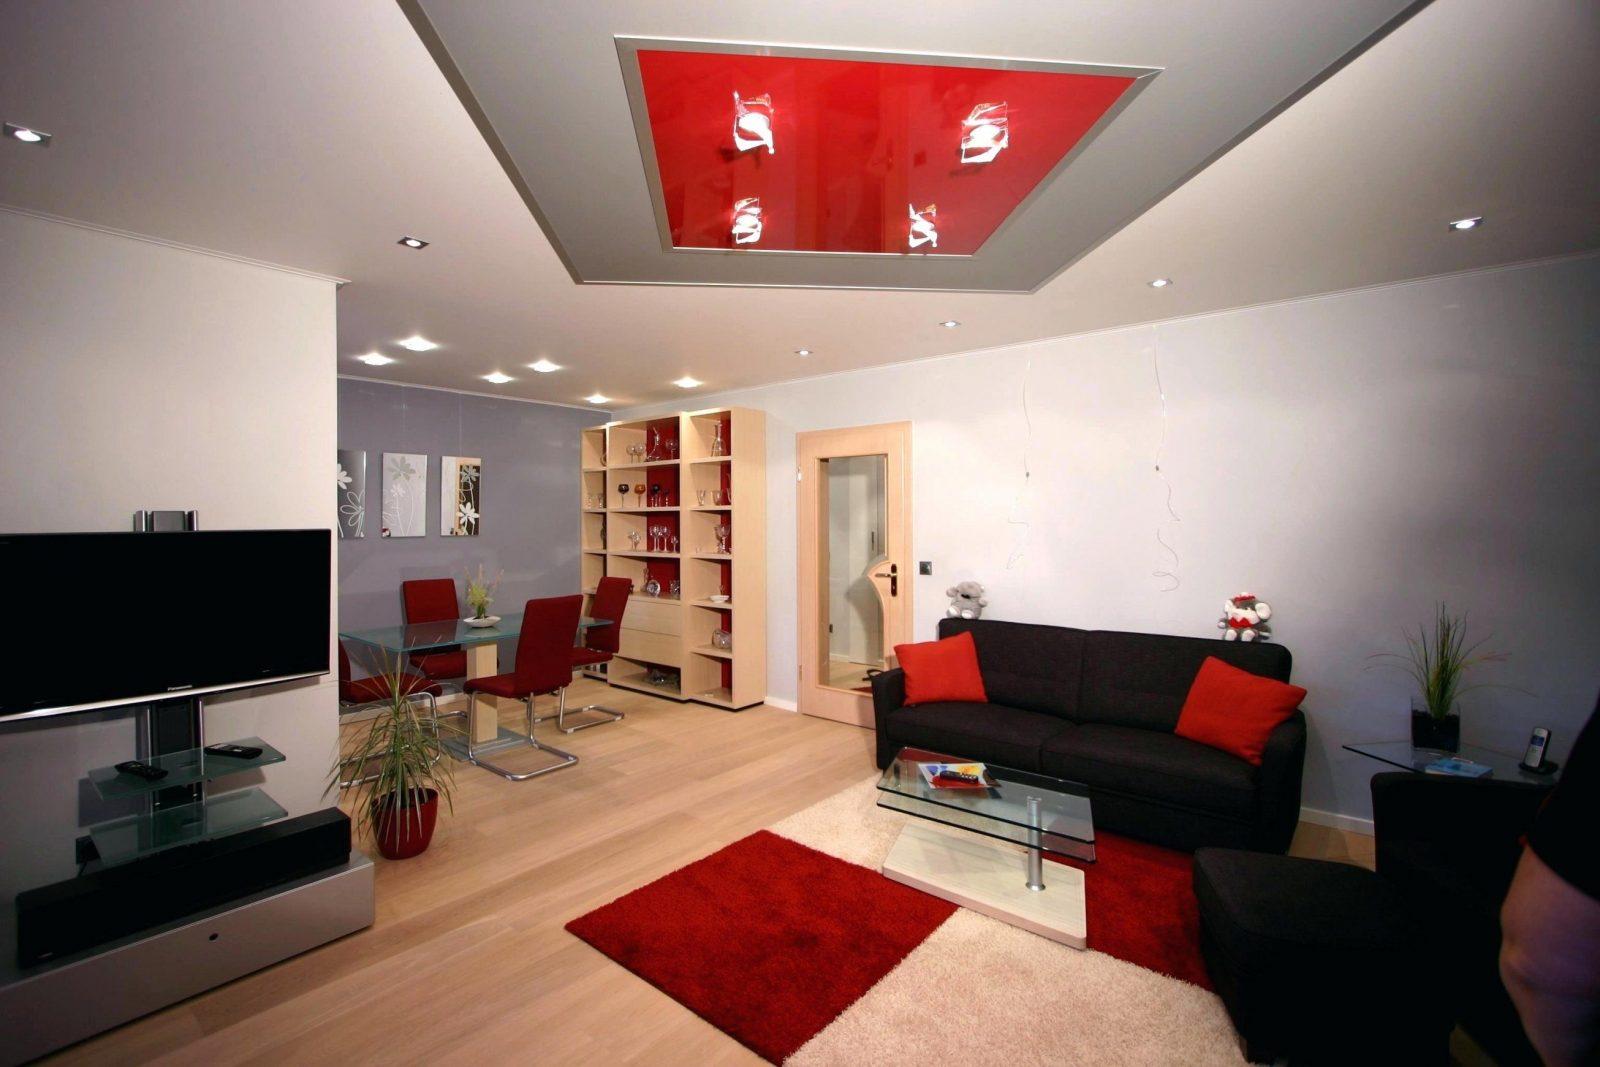 Decke Selbst Gestalten Sympathisch Decken Ideen Angenehm Auf Moderne Von  Wohnzimmer Decke Neu Gestalten Bild